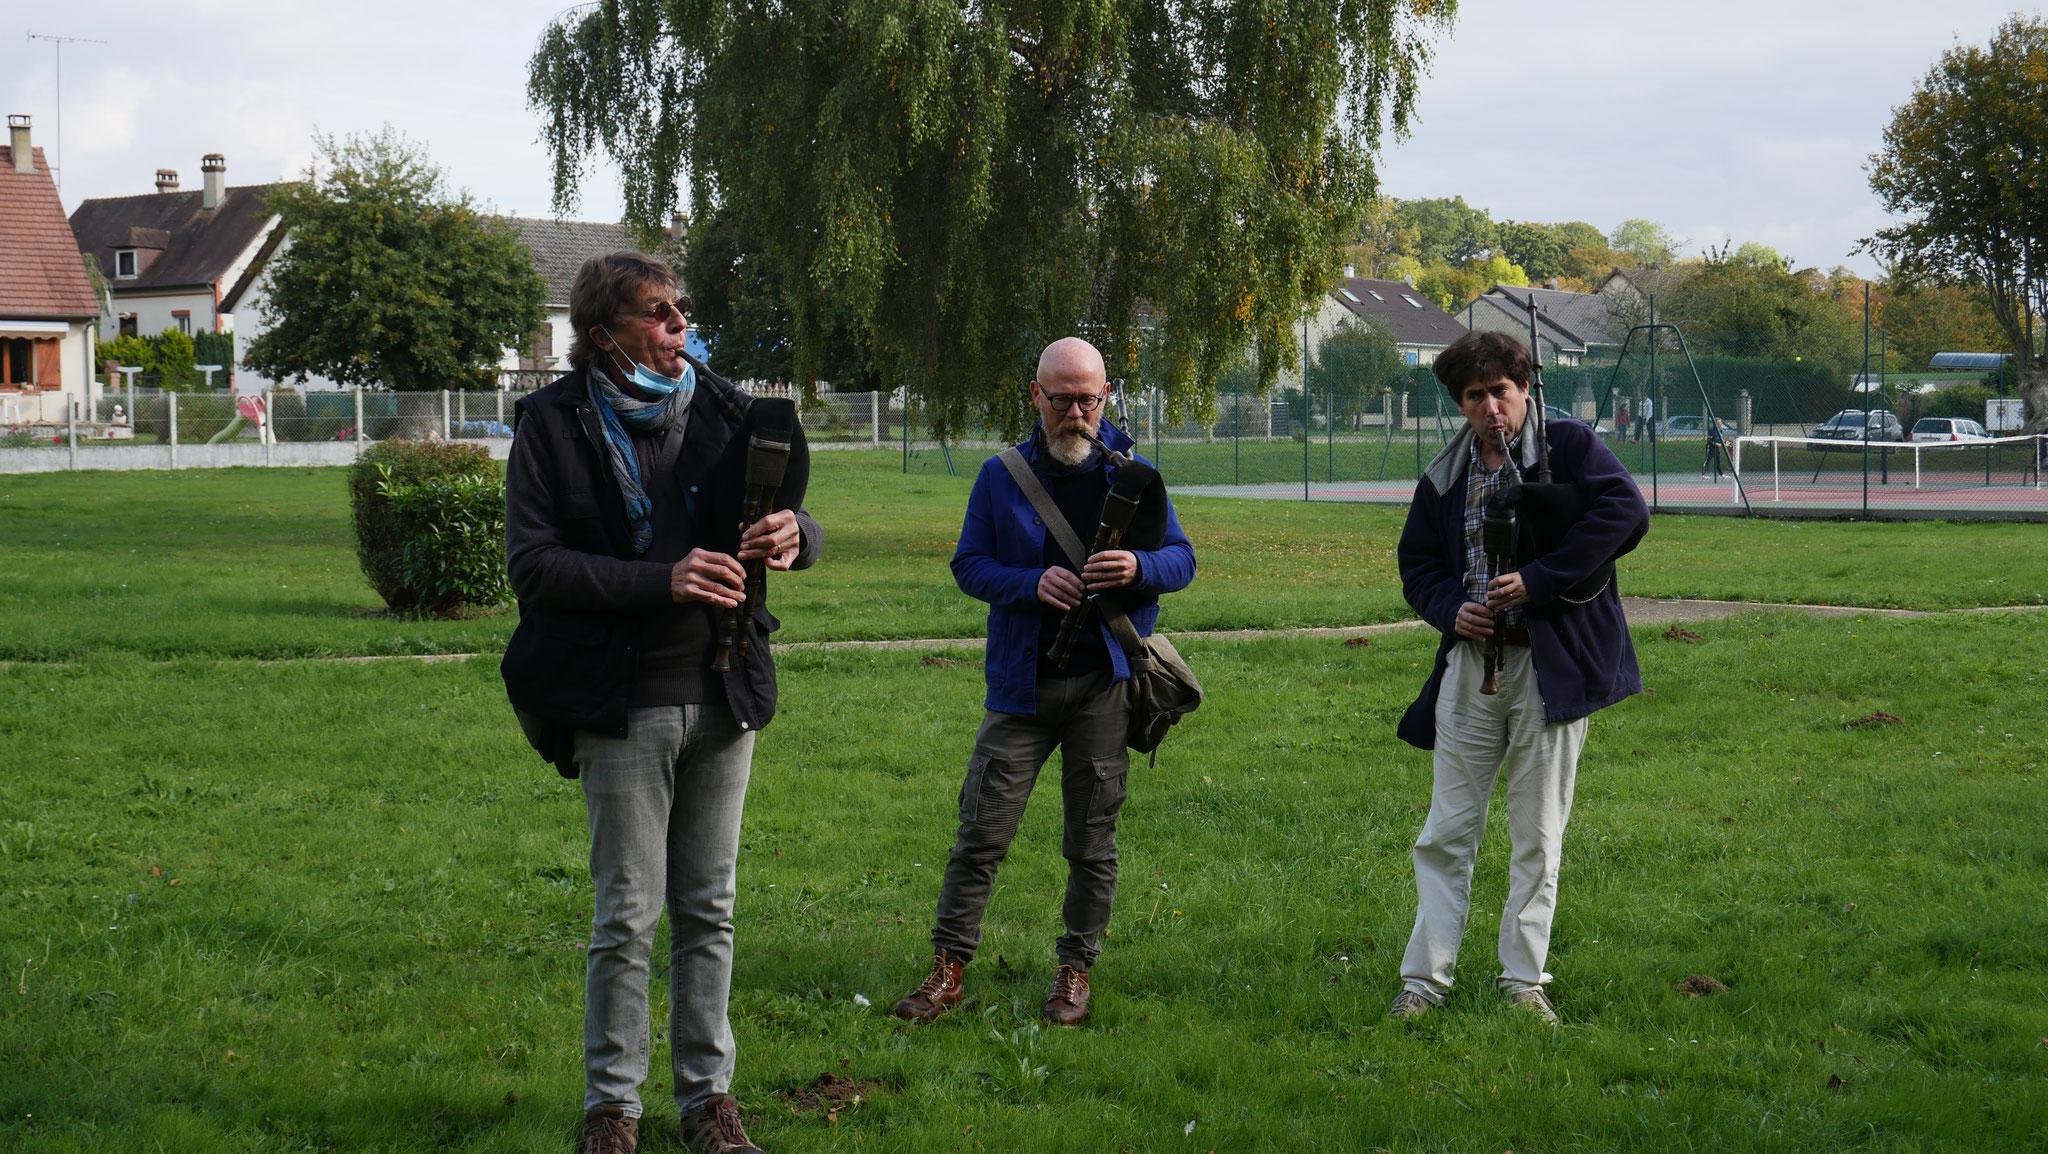 Balade contée et musicale avec Chés Wèpes octobre 2020